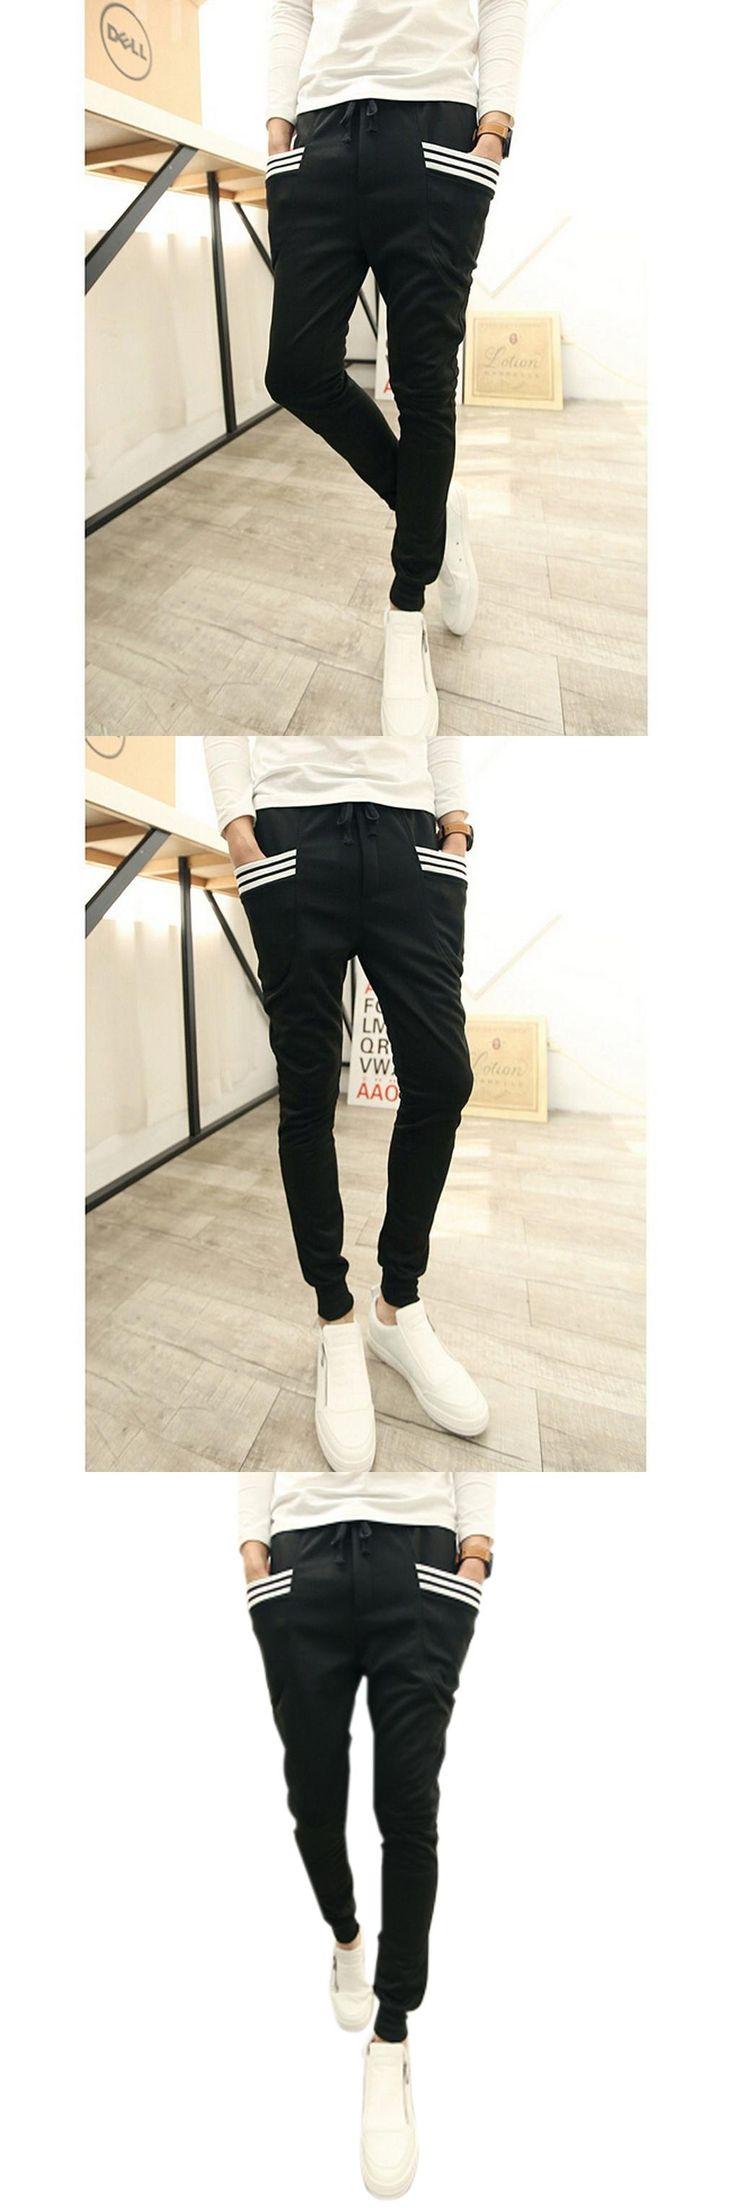 Baggy tapered pant hip hop dance harem sweatpants drop crotch pants men trousers